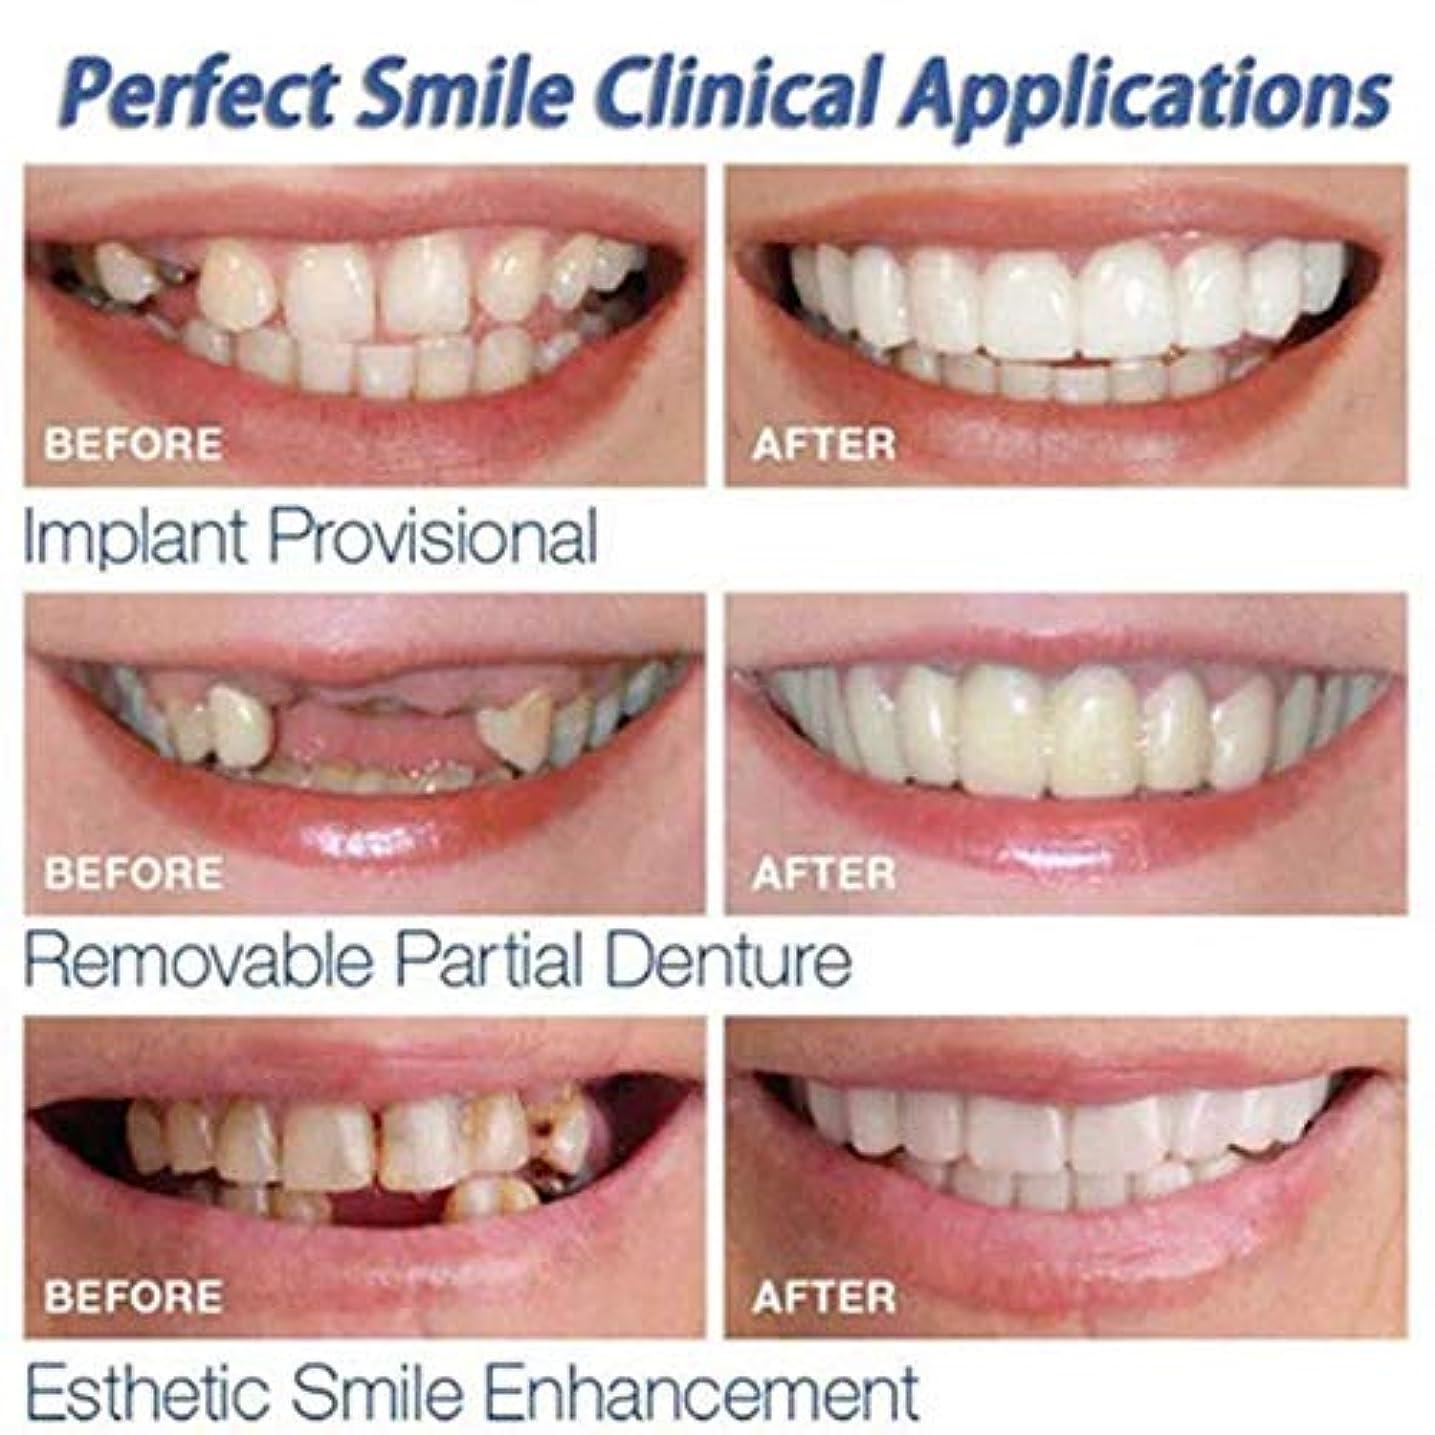 3PCS上下歯シミュレーションブレース、第2世代シリコーン模擬歯、(プラスチックボックス、OPPバッグ付き),Opppackaging